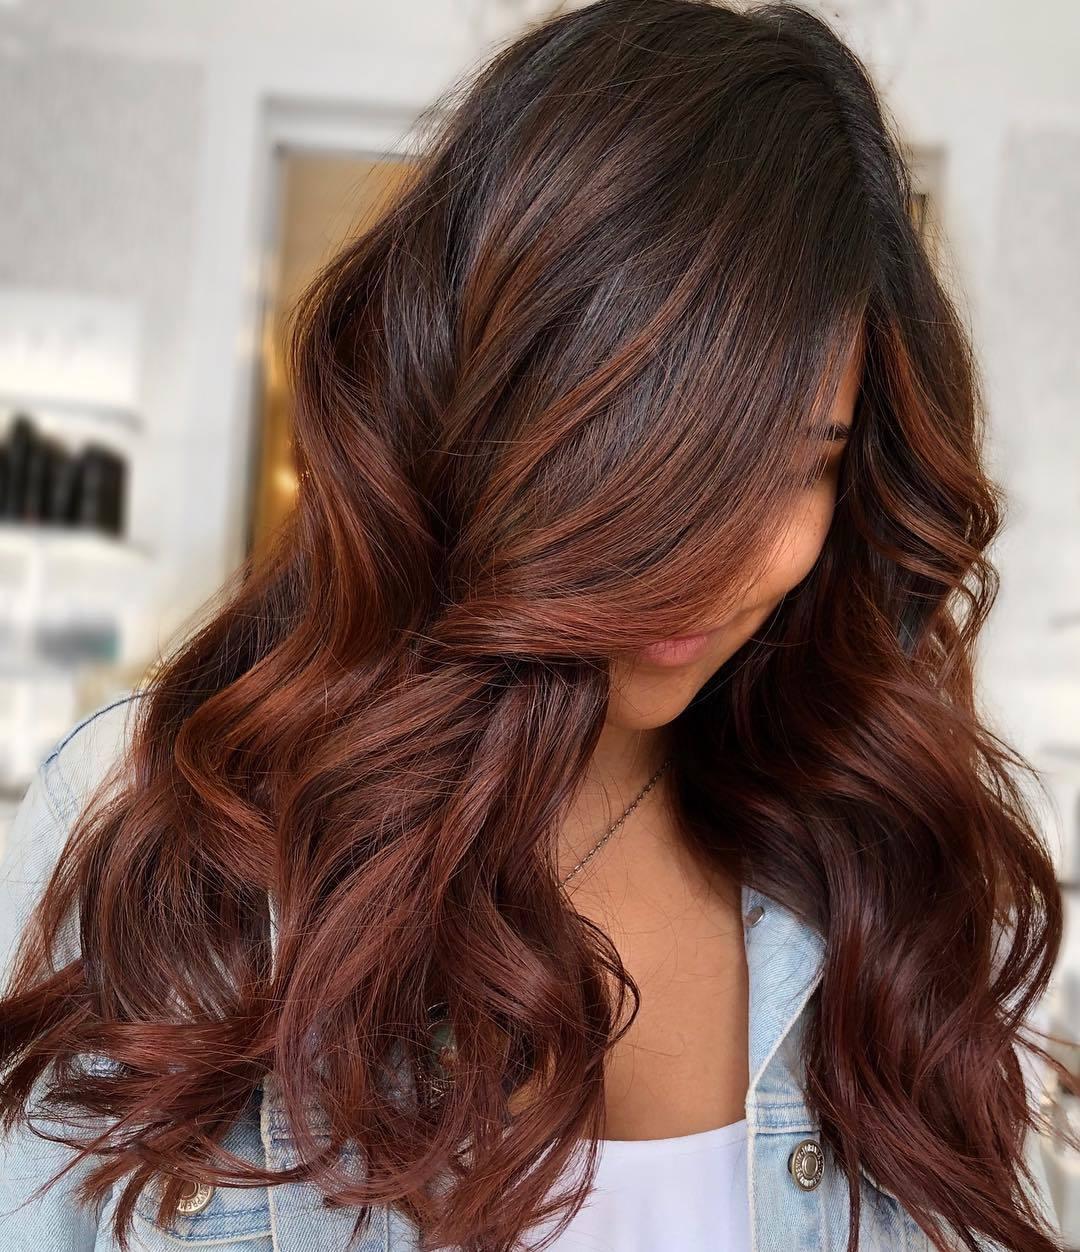 Femme aux cheveux bruns avec des mèches de cheveux roux et châtains